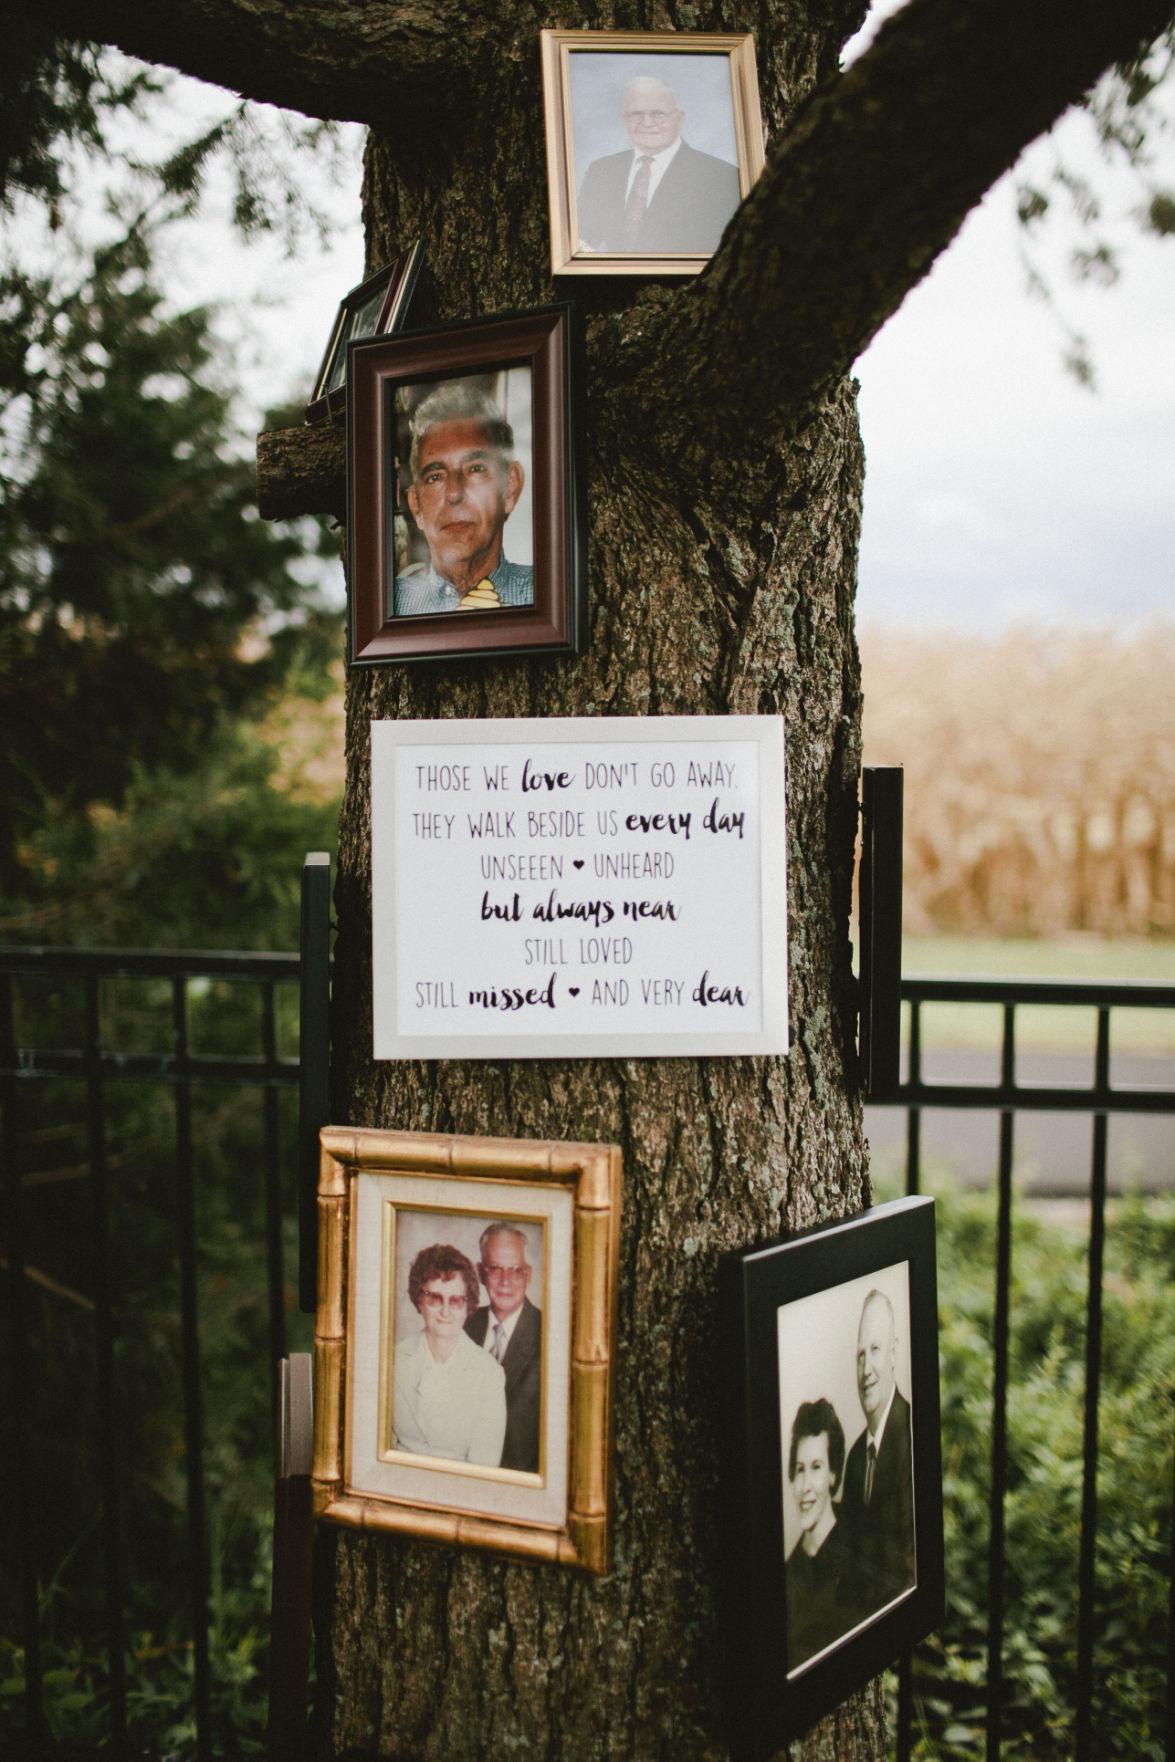 032716-dec-lif-weddingmemorials2